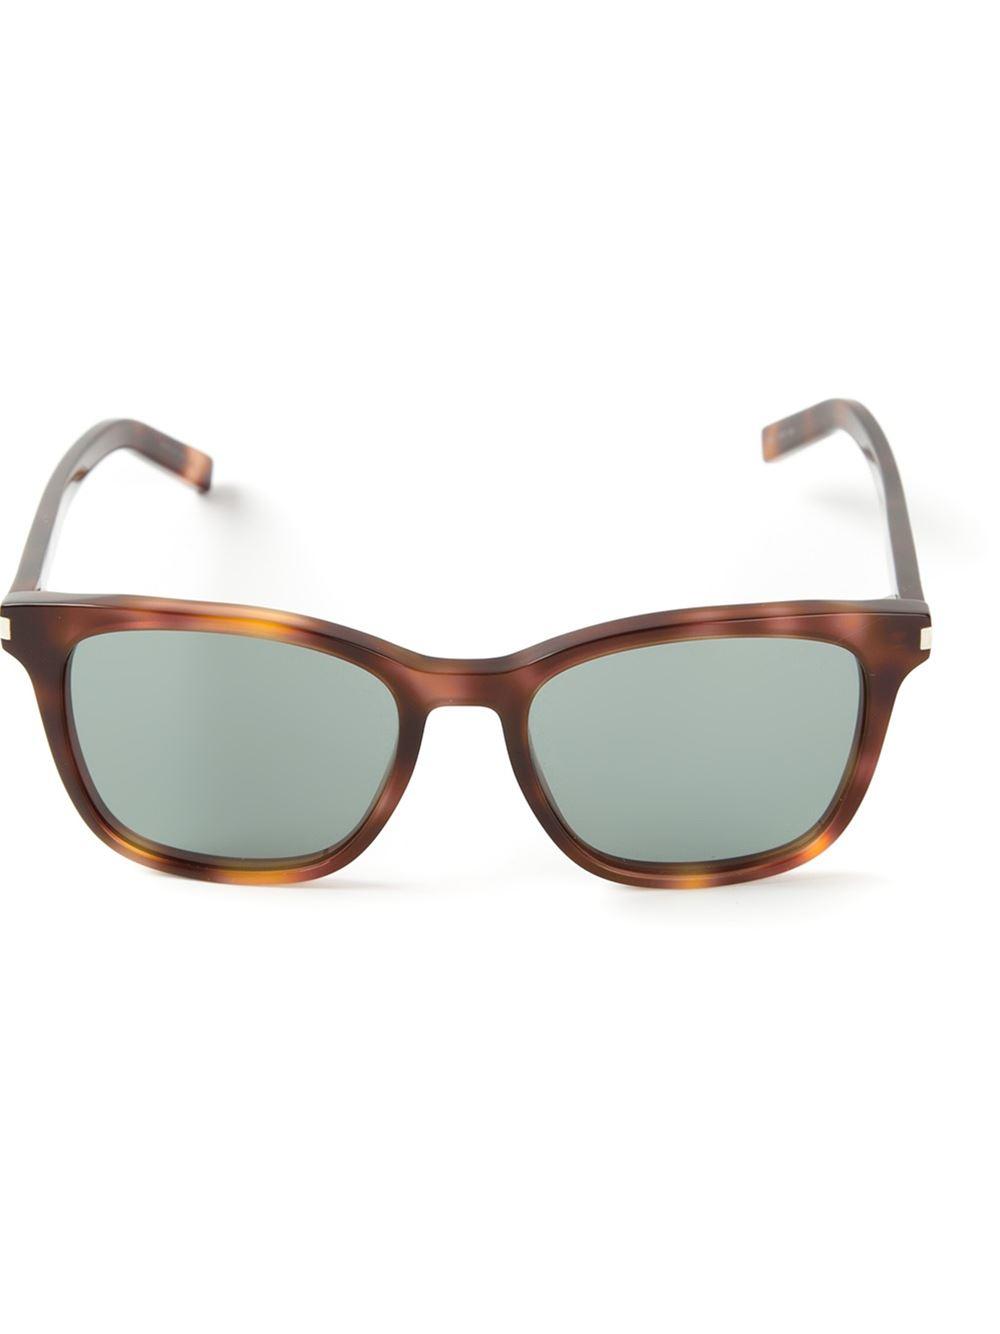 tortoiseshell sunglasses - Brown Saint Laurent Eyewear ZlOEp5R